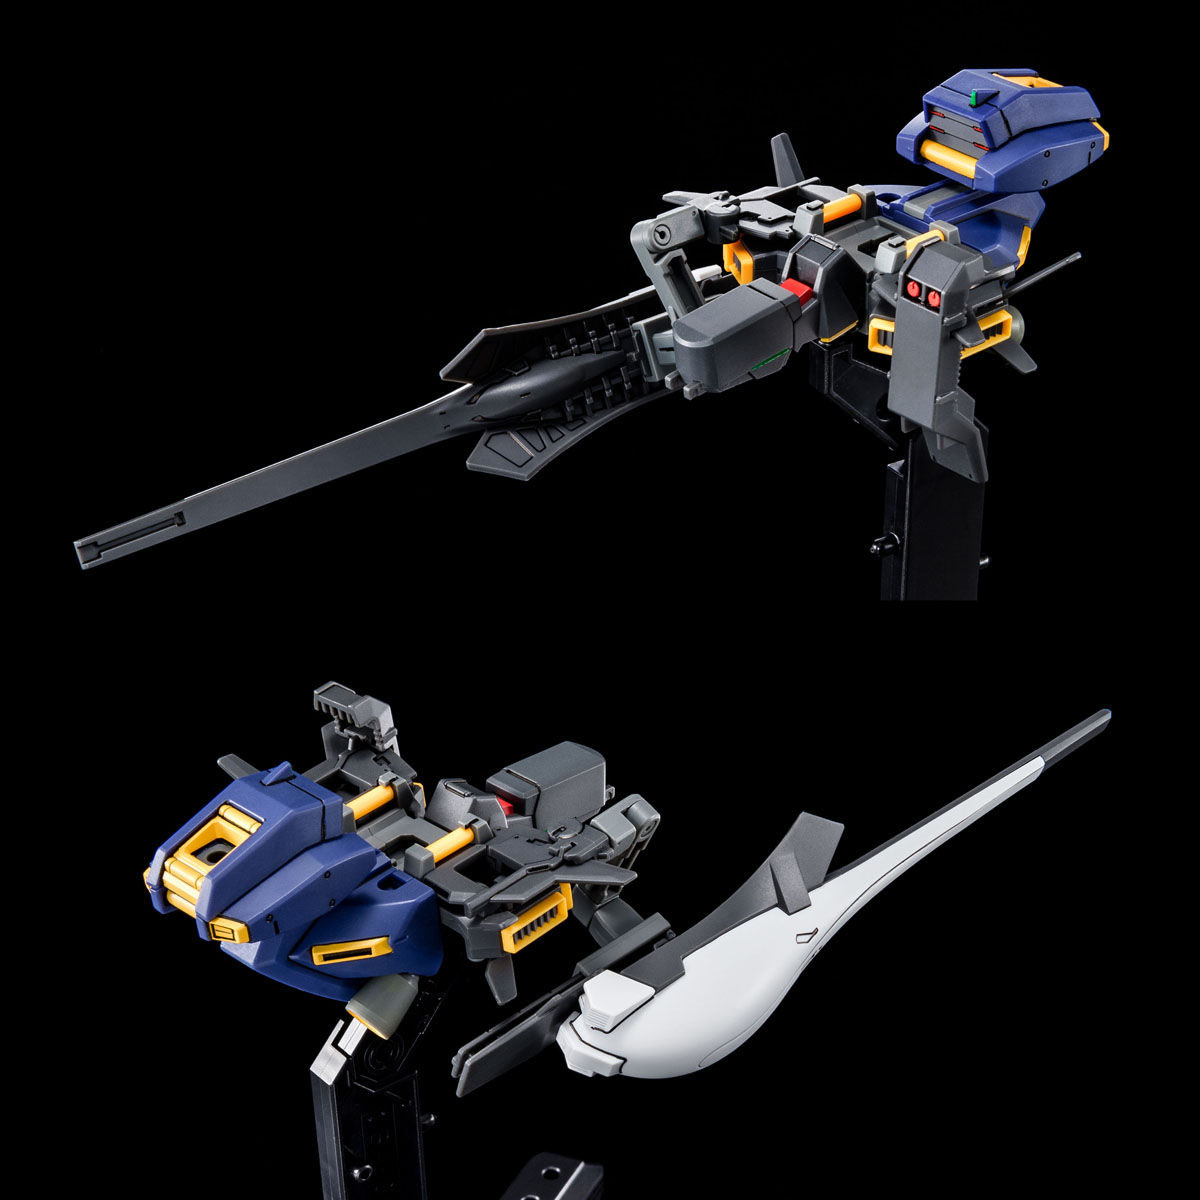 【限定販売】HG 1/144『ガンダムTR-1 次世代量産機(実戦配備カラー)』プラモデル-008